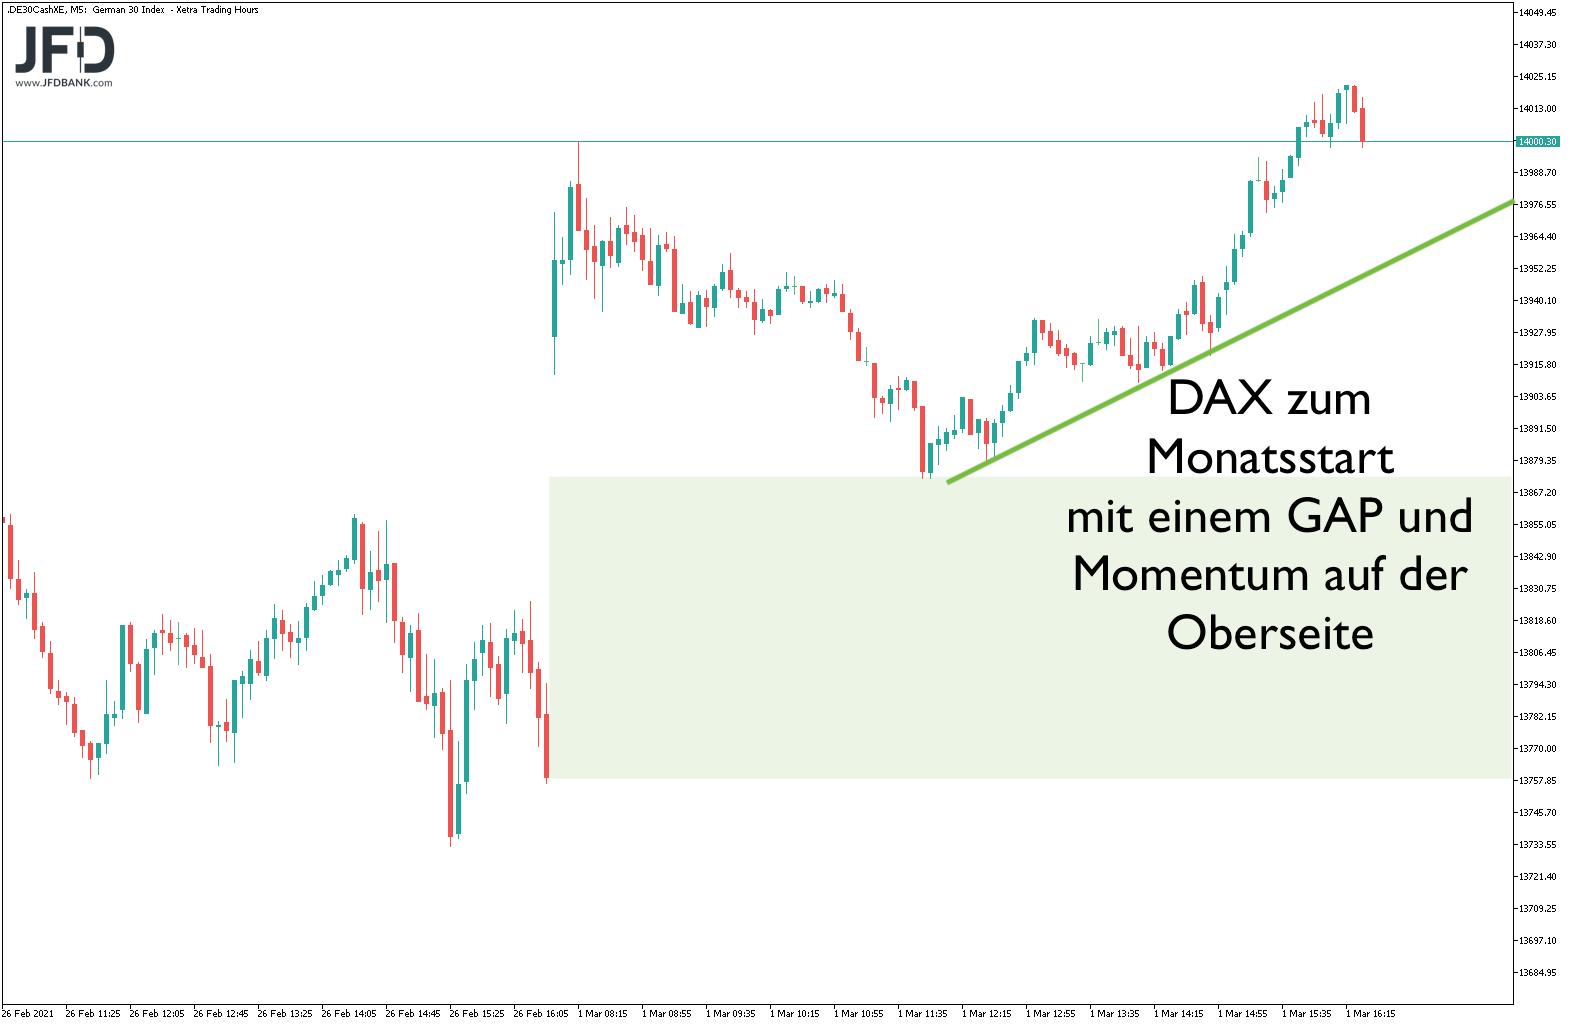 DAX zum Monatsstart